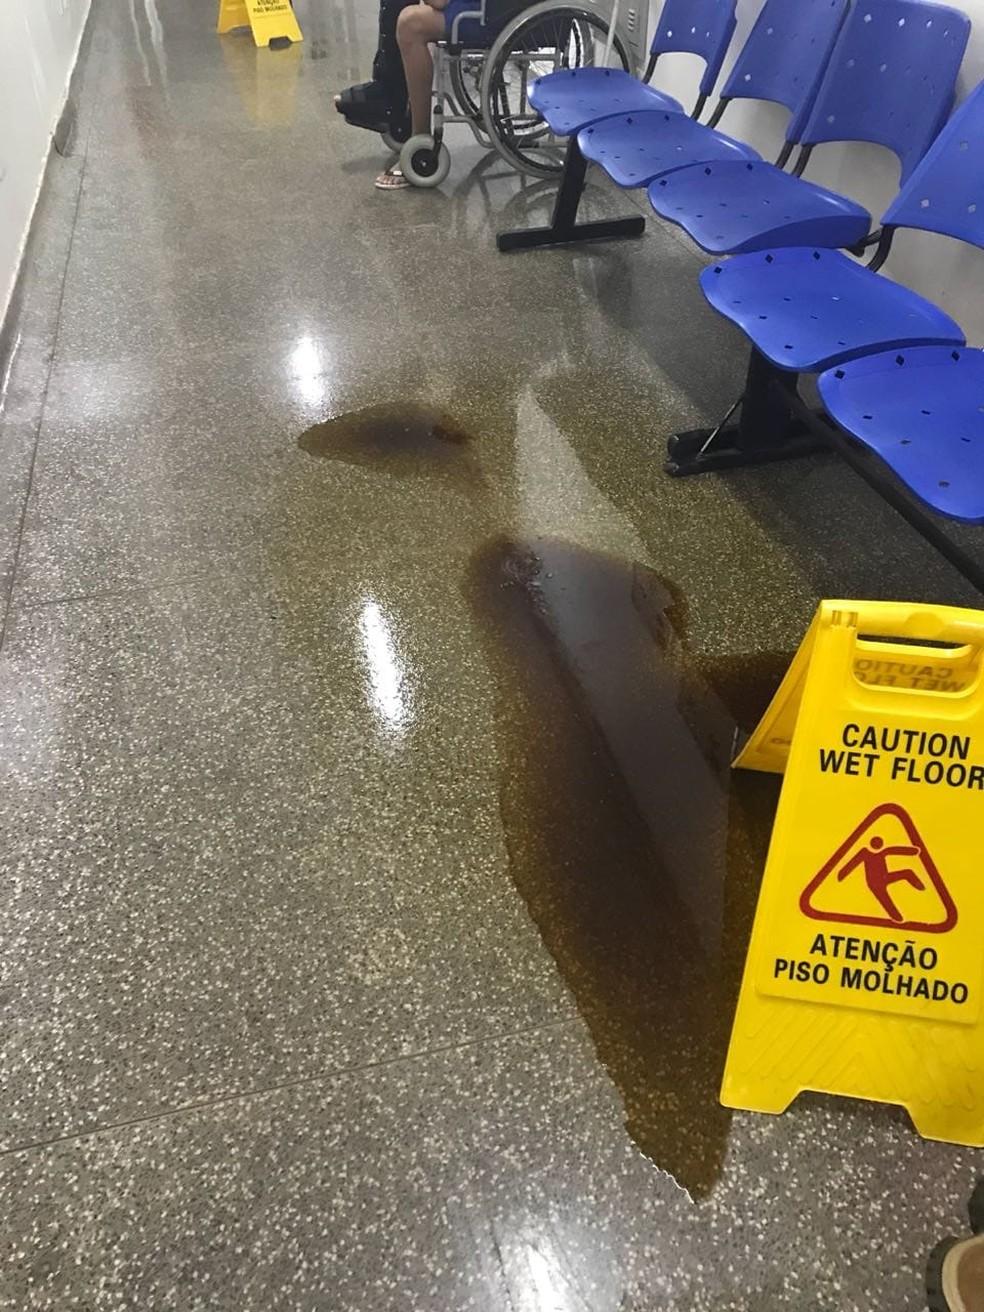 Com goteiras, Hospital Regional de Rondonópolis ficou alagado após chuva — Foto: Divulgação